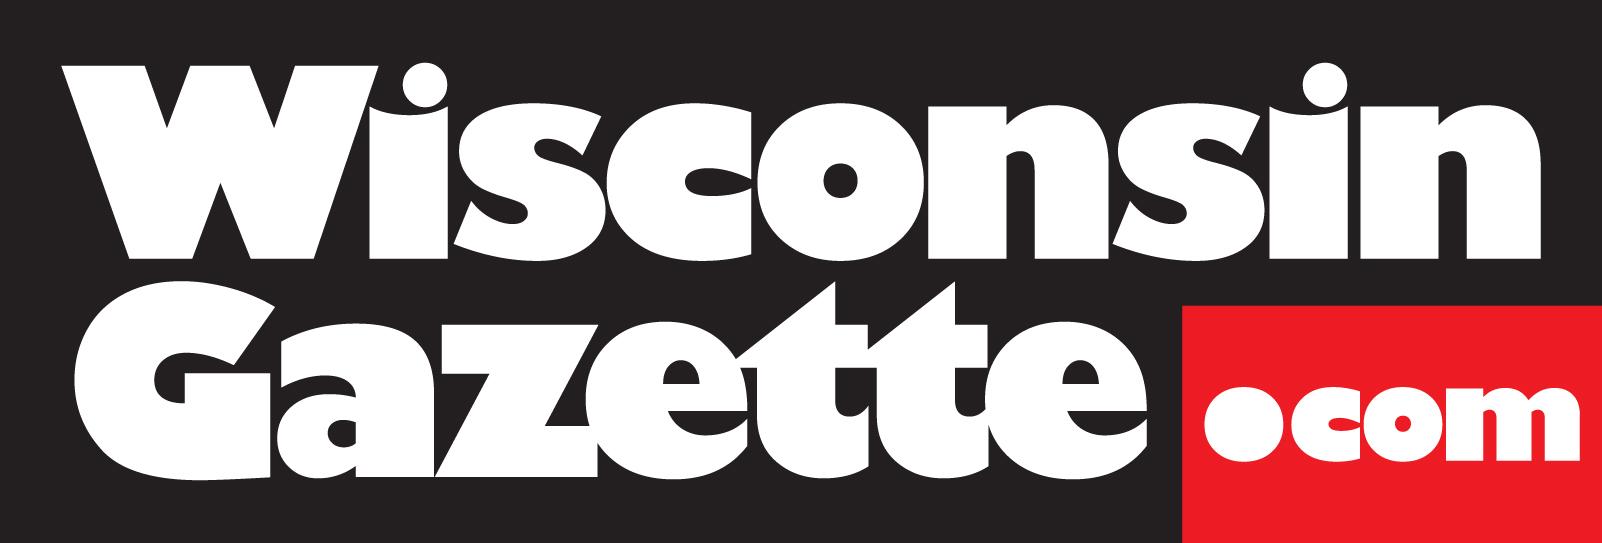 Wisconsin Gazette